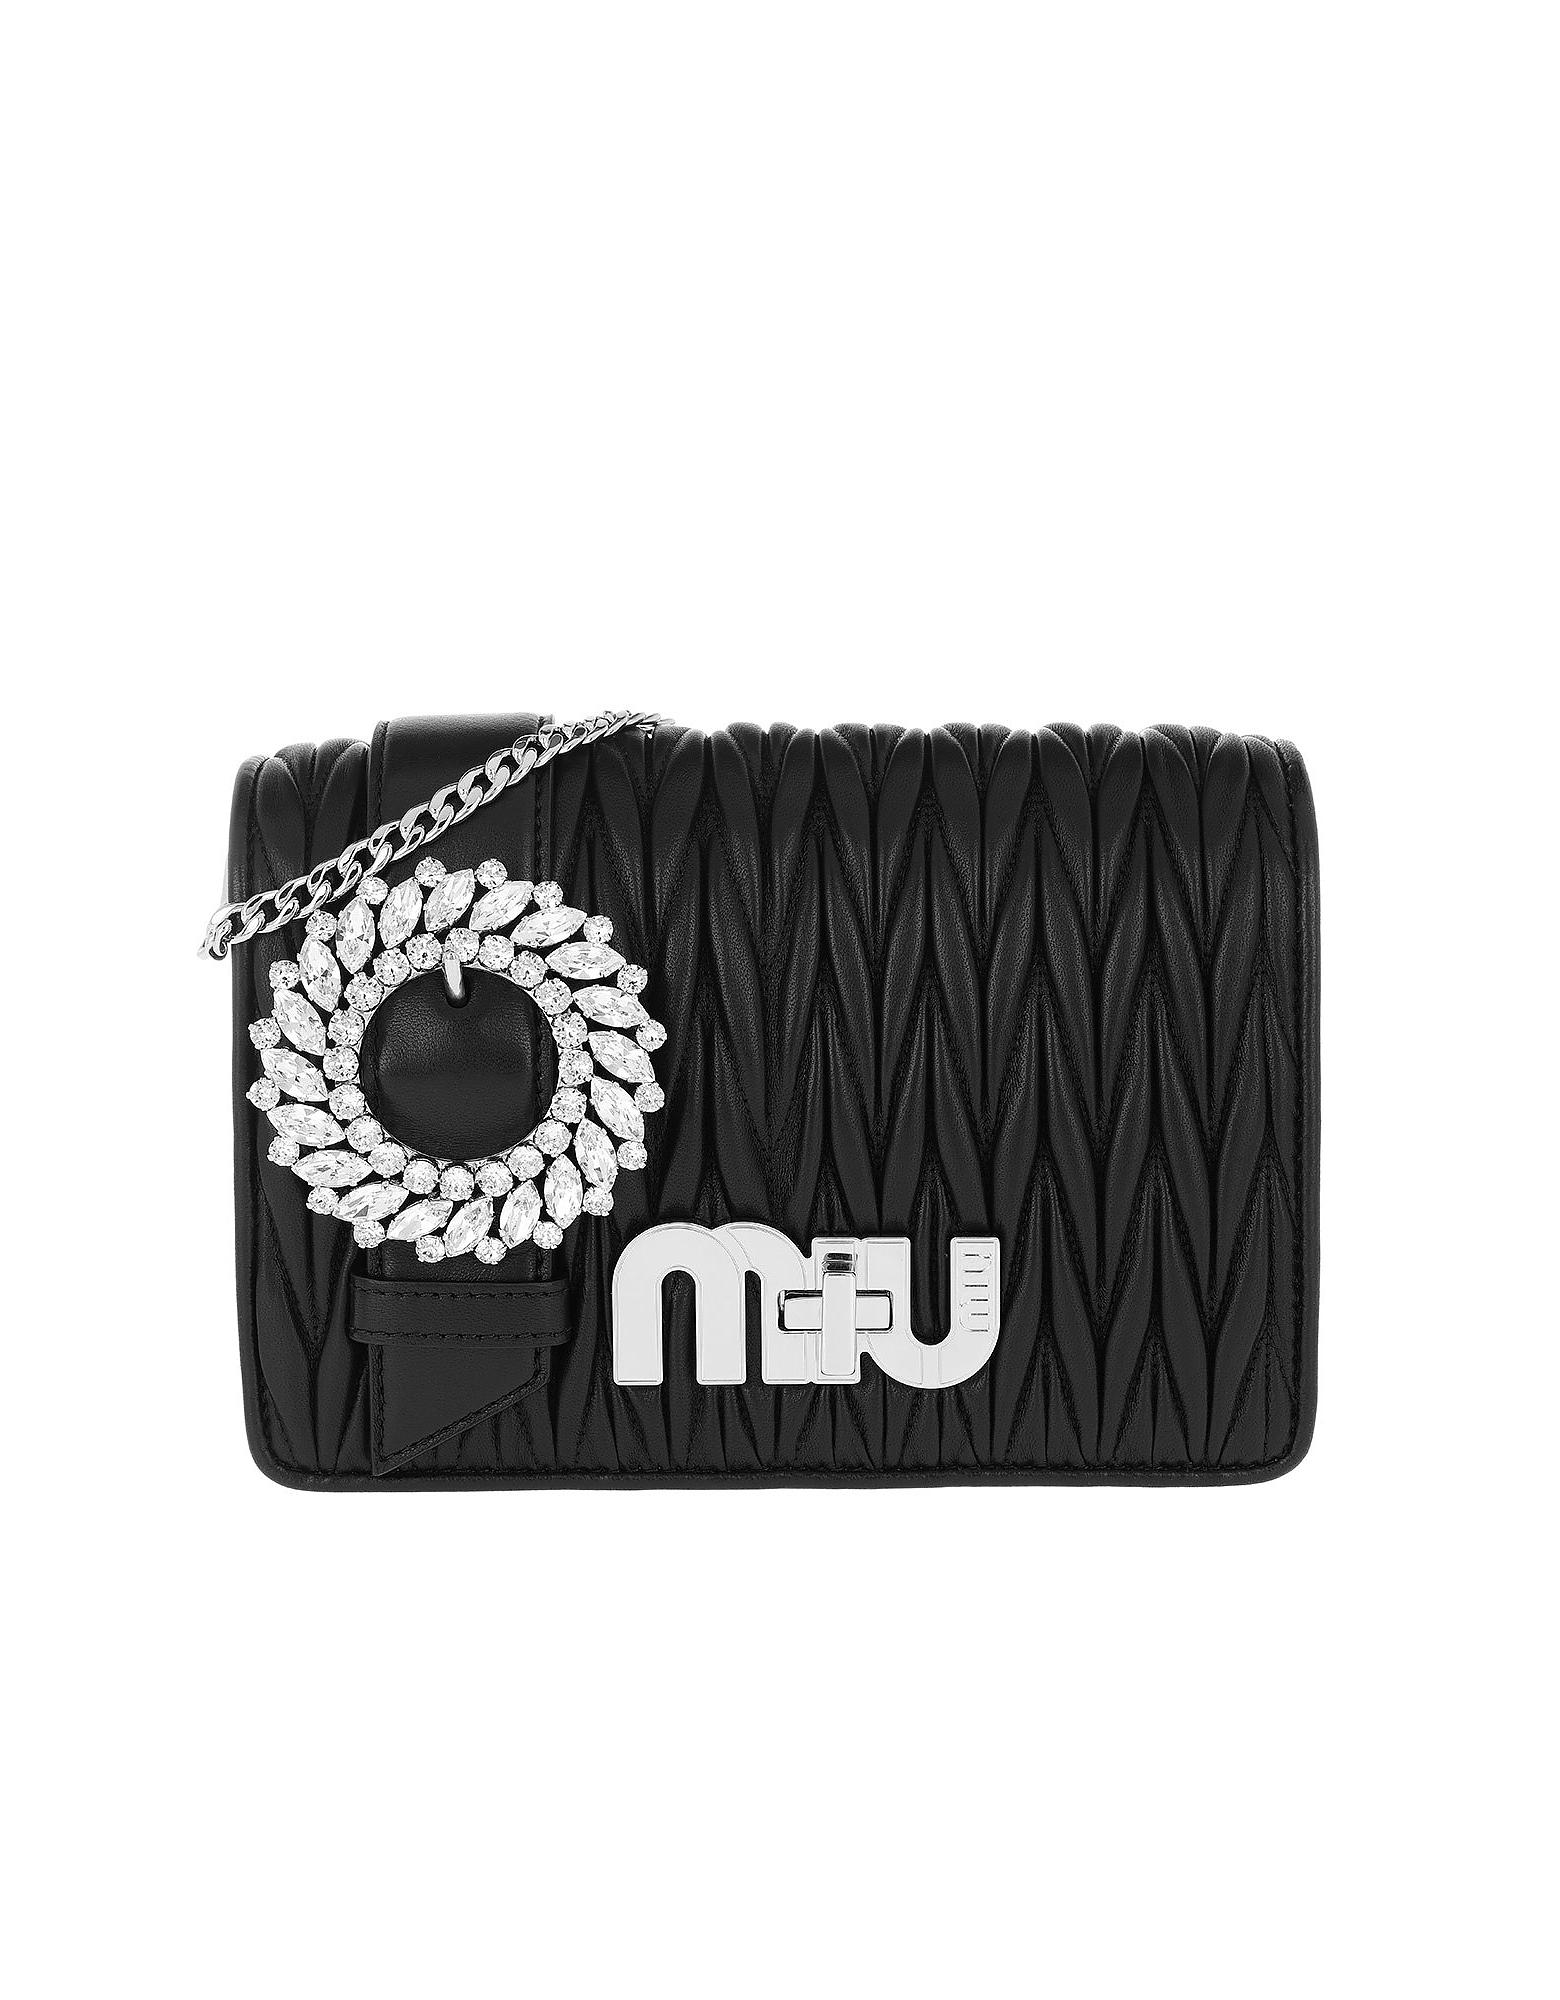 Miu Miu Handbags, My Miu Matelassé Crossbody Bag Nero